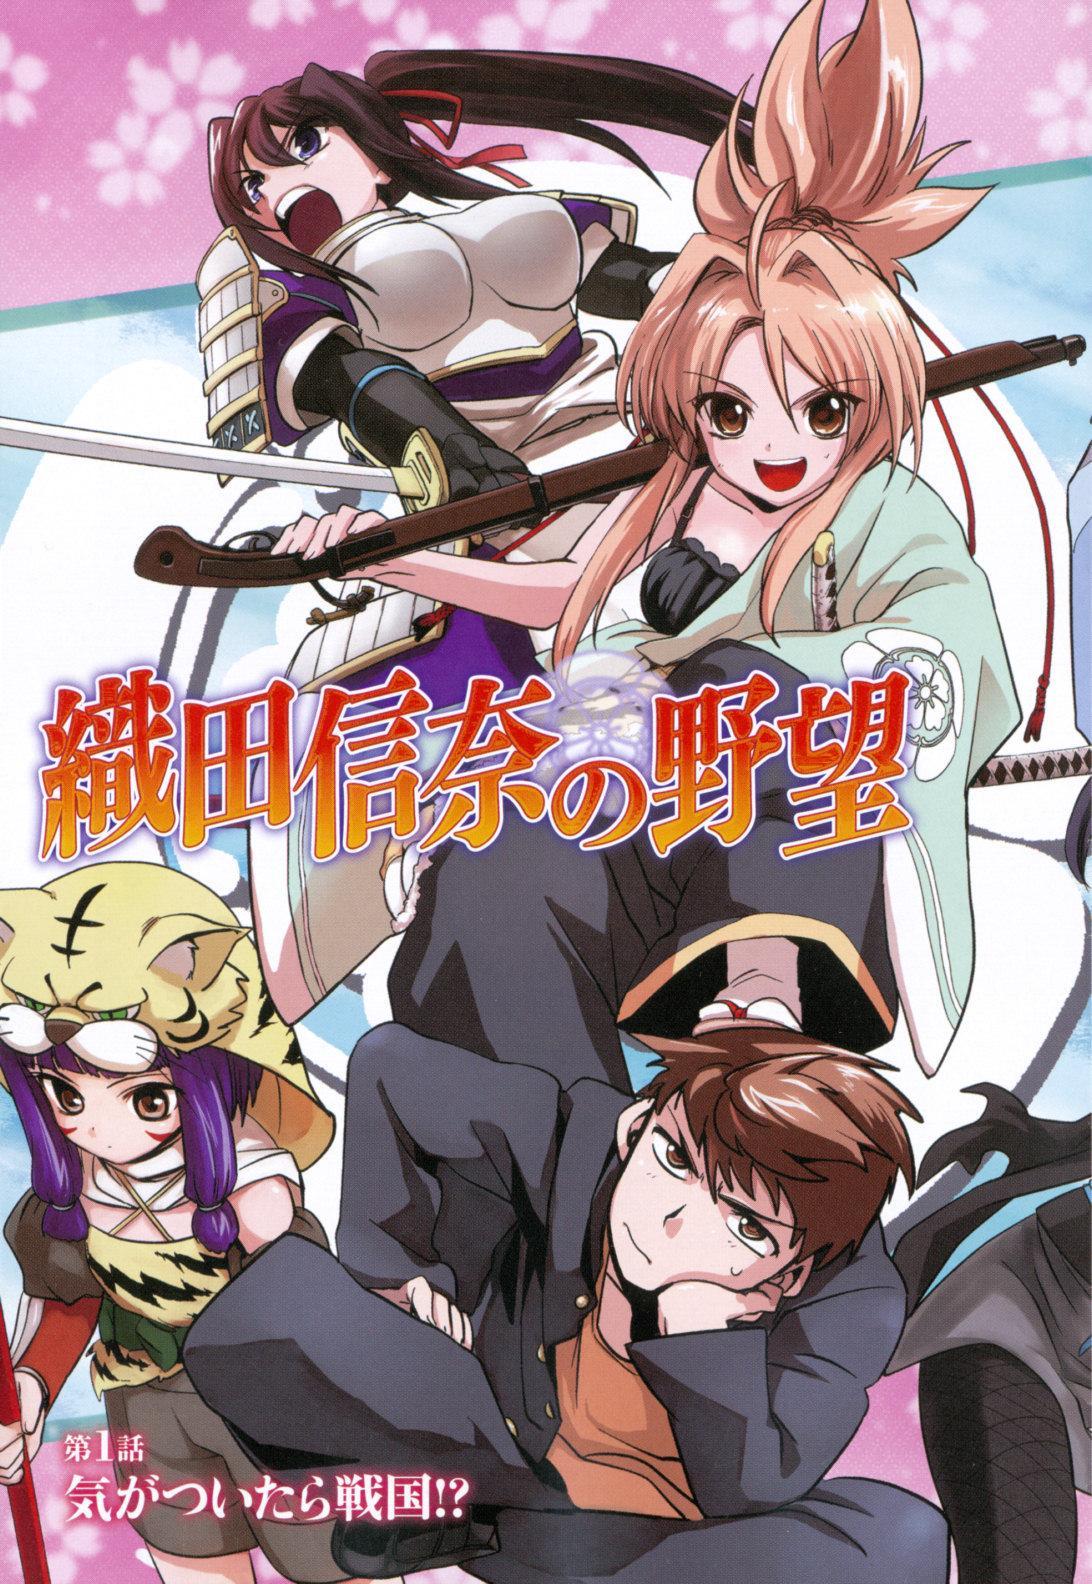 อ่านการ์ตูน Oda nobuna no yabou 1.1 ภาพที่ 3